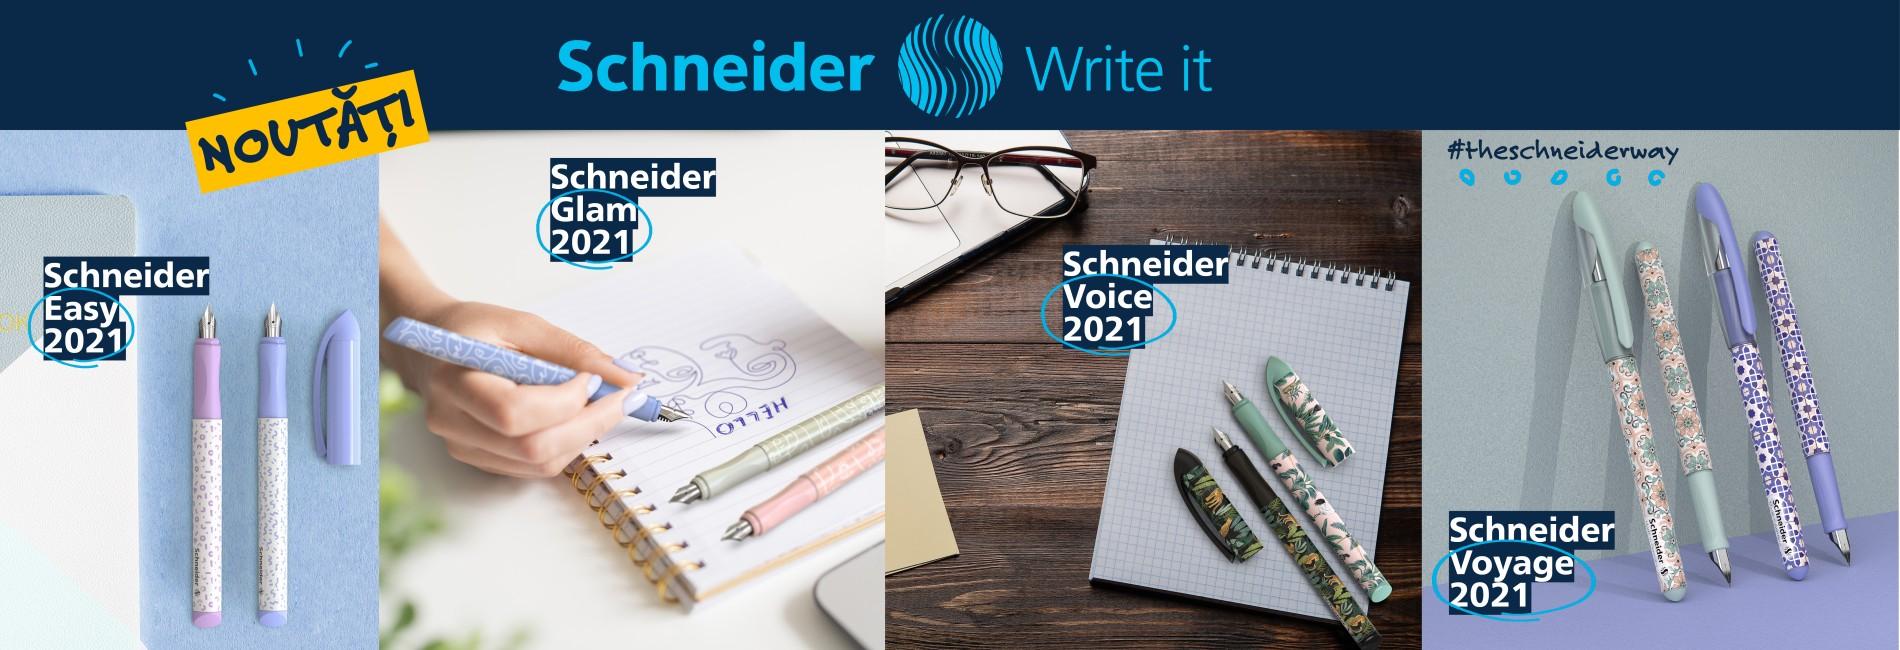 Noutăți Schneider martie 2021